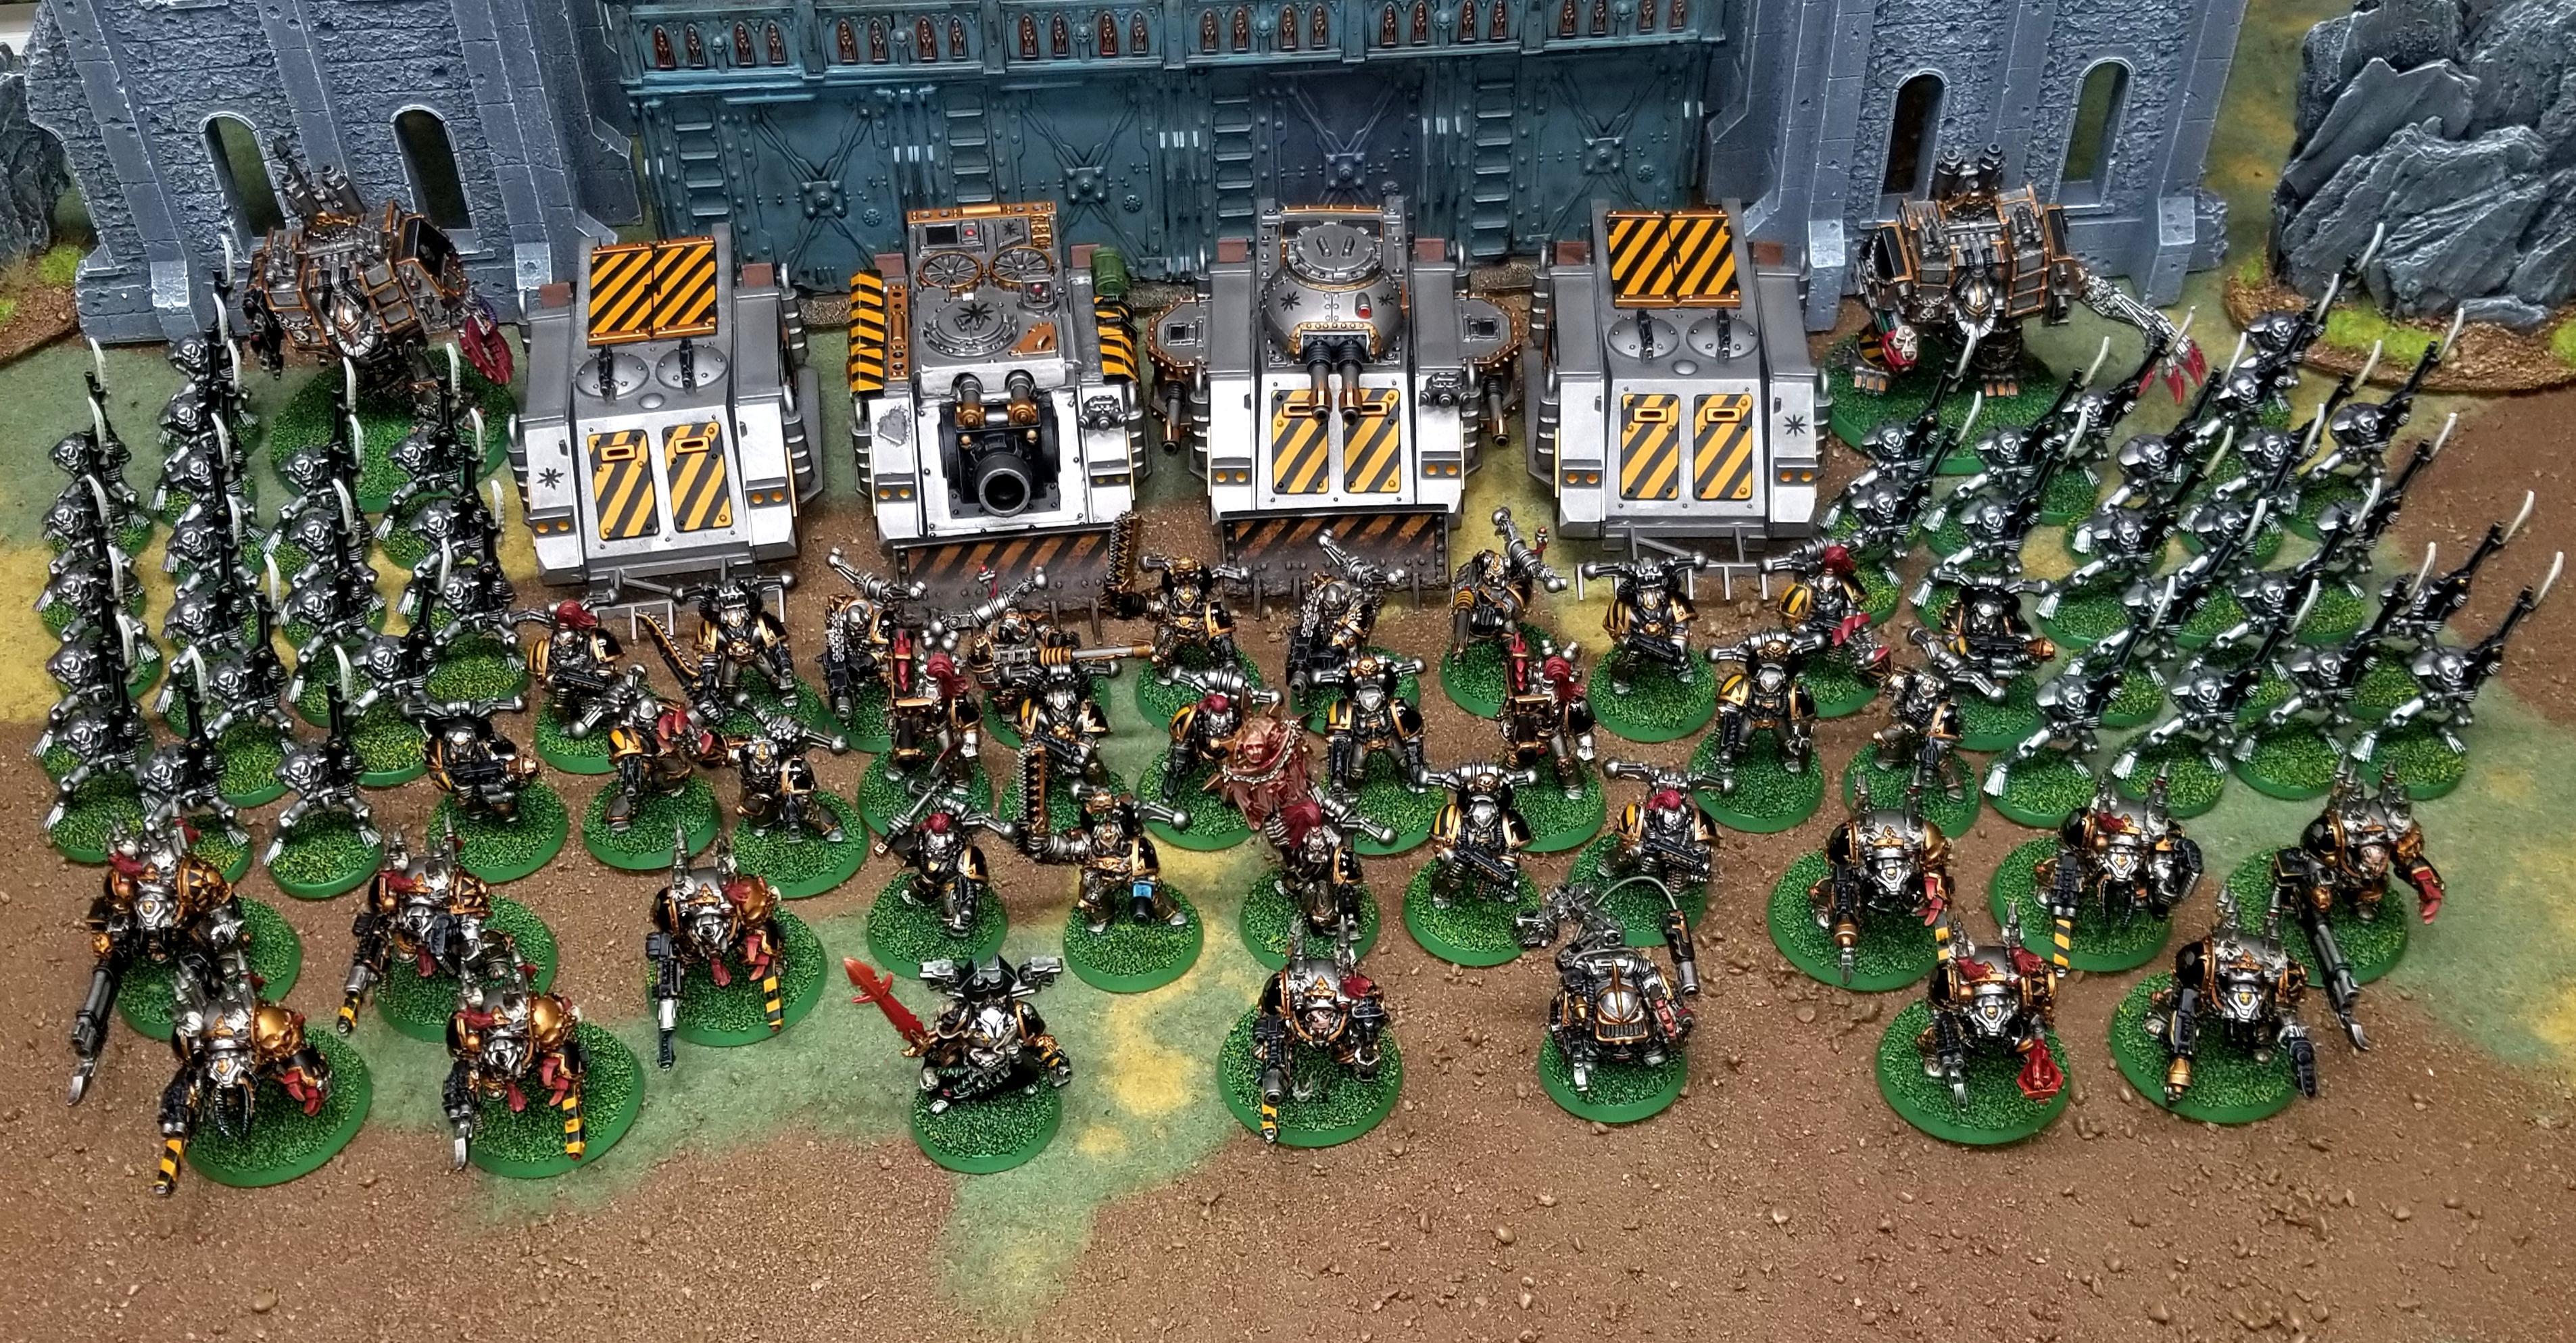 2e, Chaos, Chaos Space Marines, Goblin Green, Iron Warriors, Old School